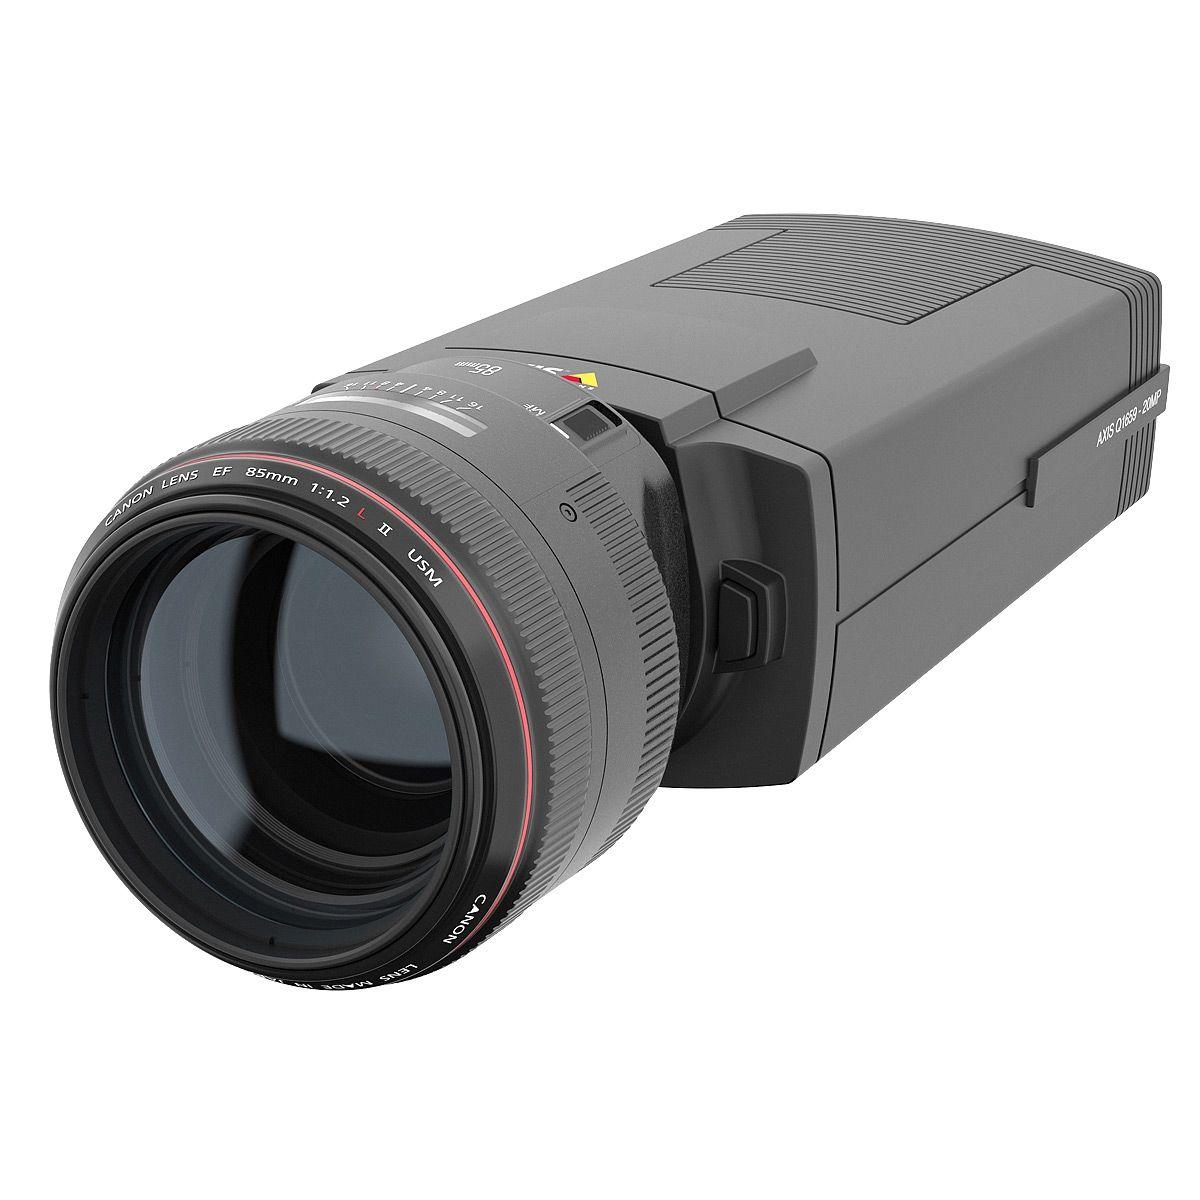 Axis Q16 - Het is een IP-camera van buiten